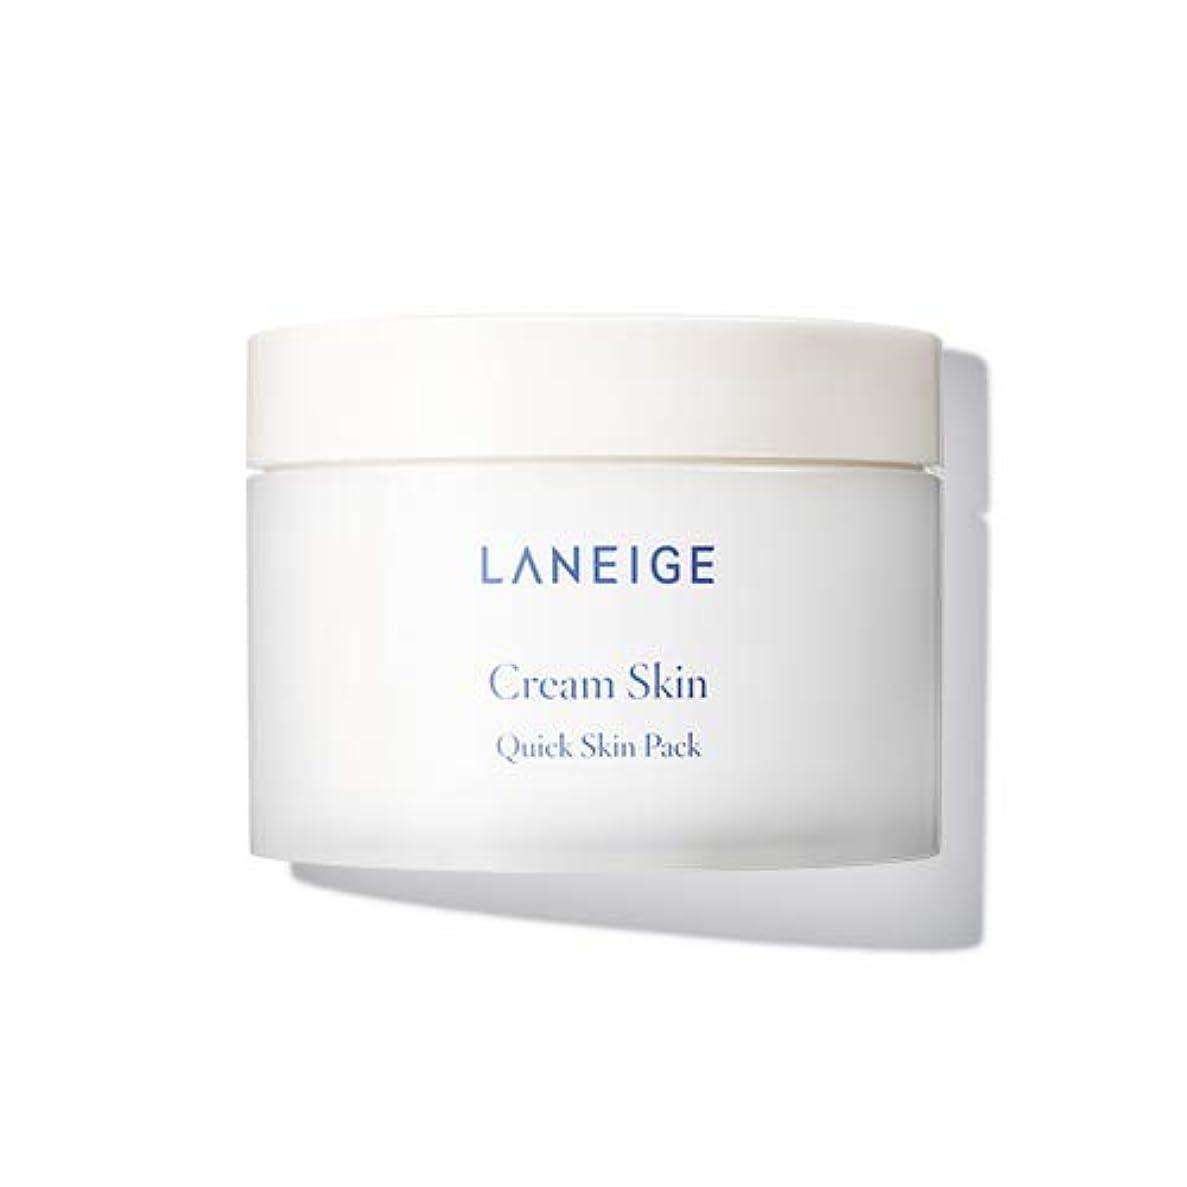 変換するもう一度無駄に【ラネージュ.laneige]クリームスキンクイックスキンパック(100sheet、140ml、2019.06新発売)/ cream skin quick skin pack